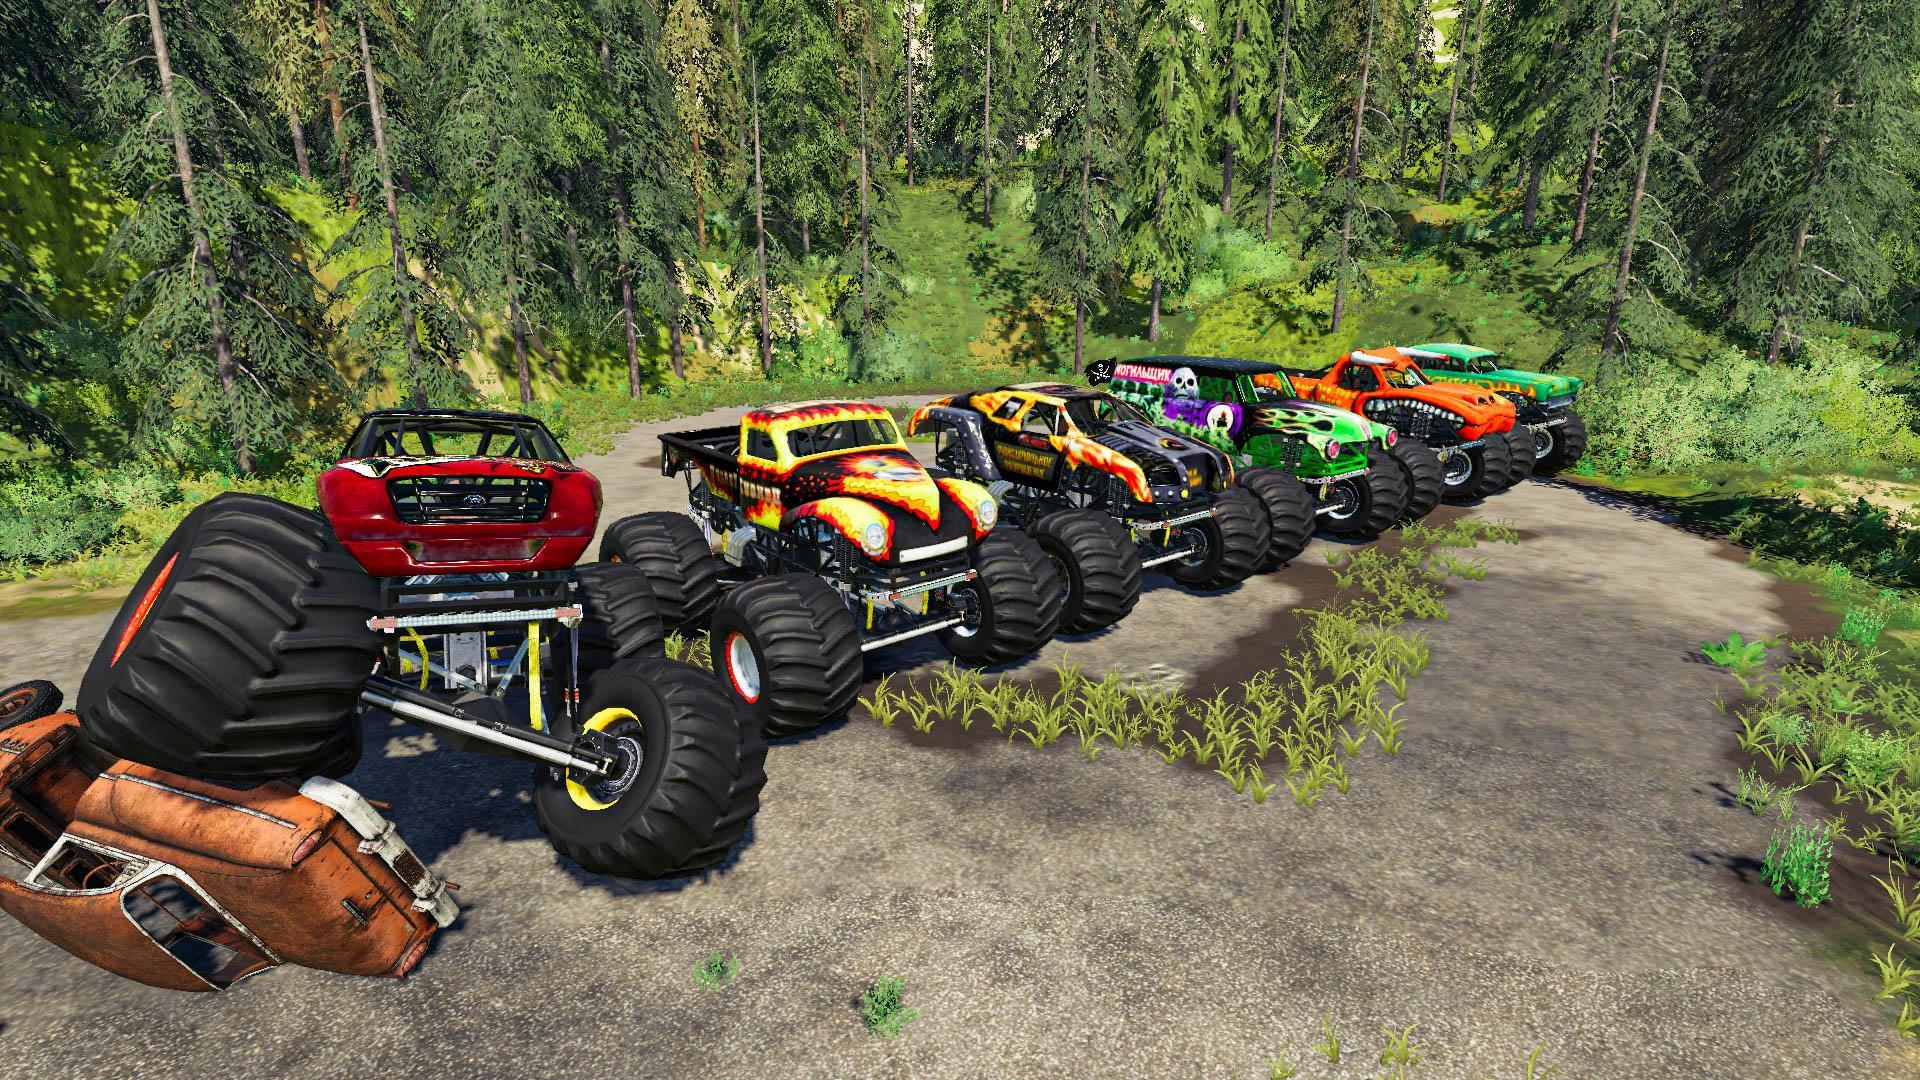 FS19 - Monster Truck Pack V1.0